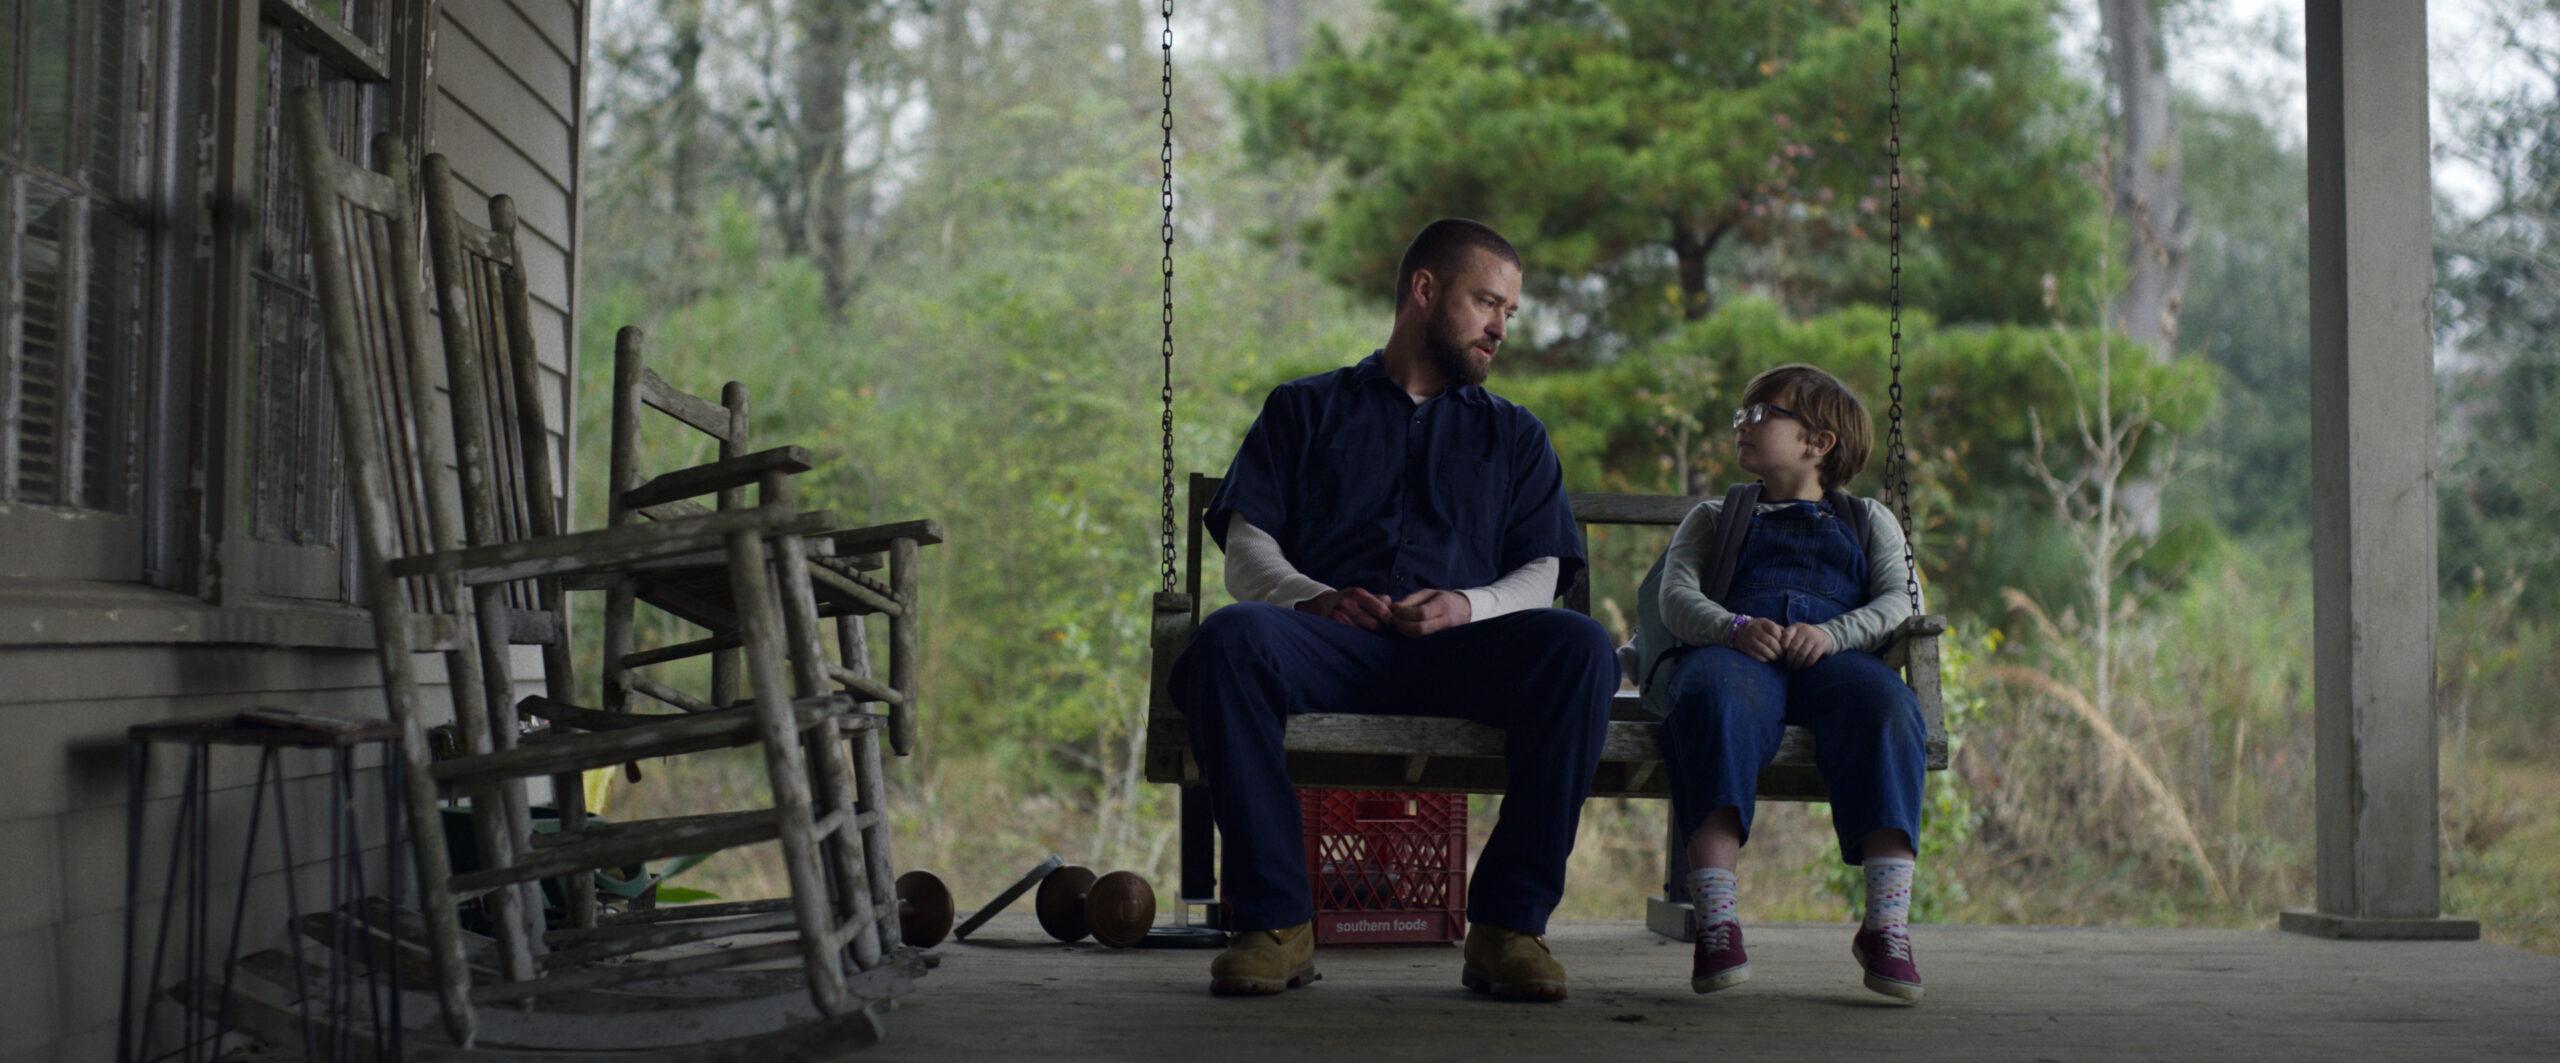 [News] AppleTV+ Releases Trailer for PALMER